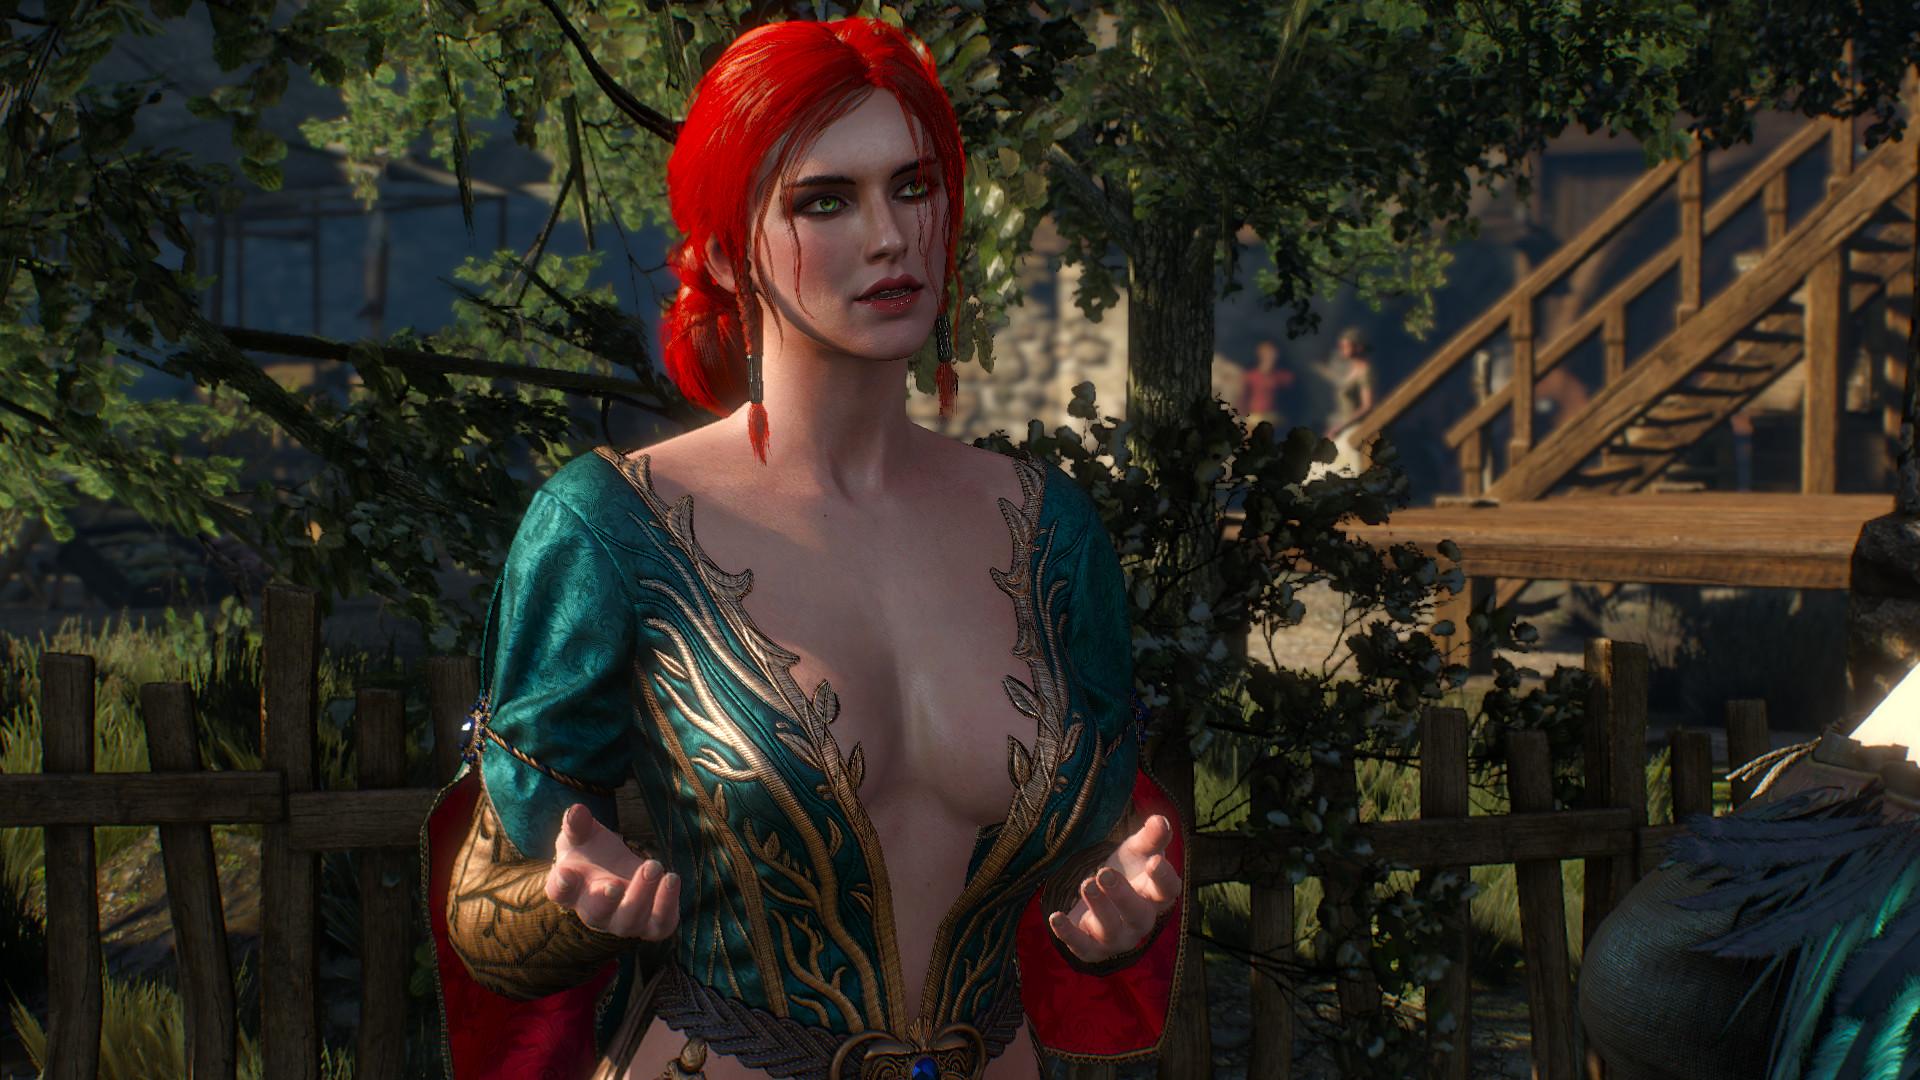 The Witcher Wild Hunt – Triss Merigold.